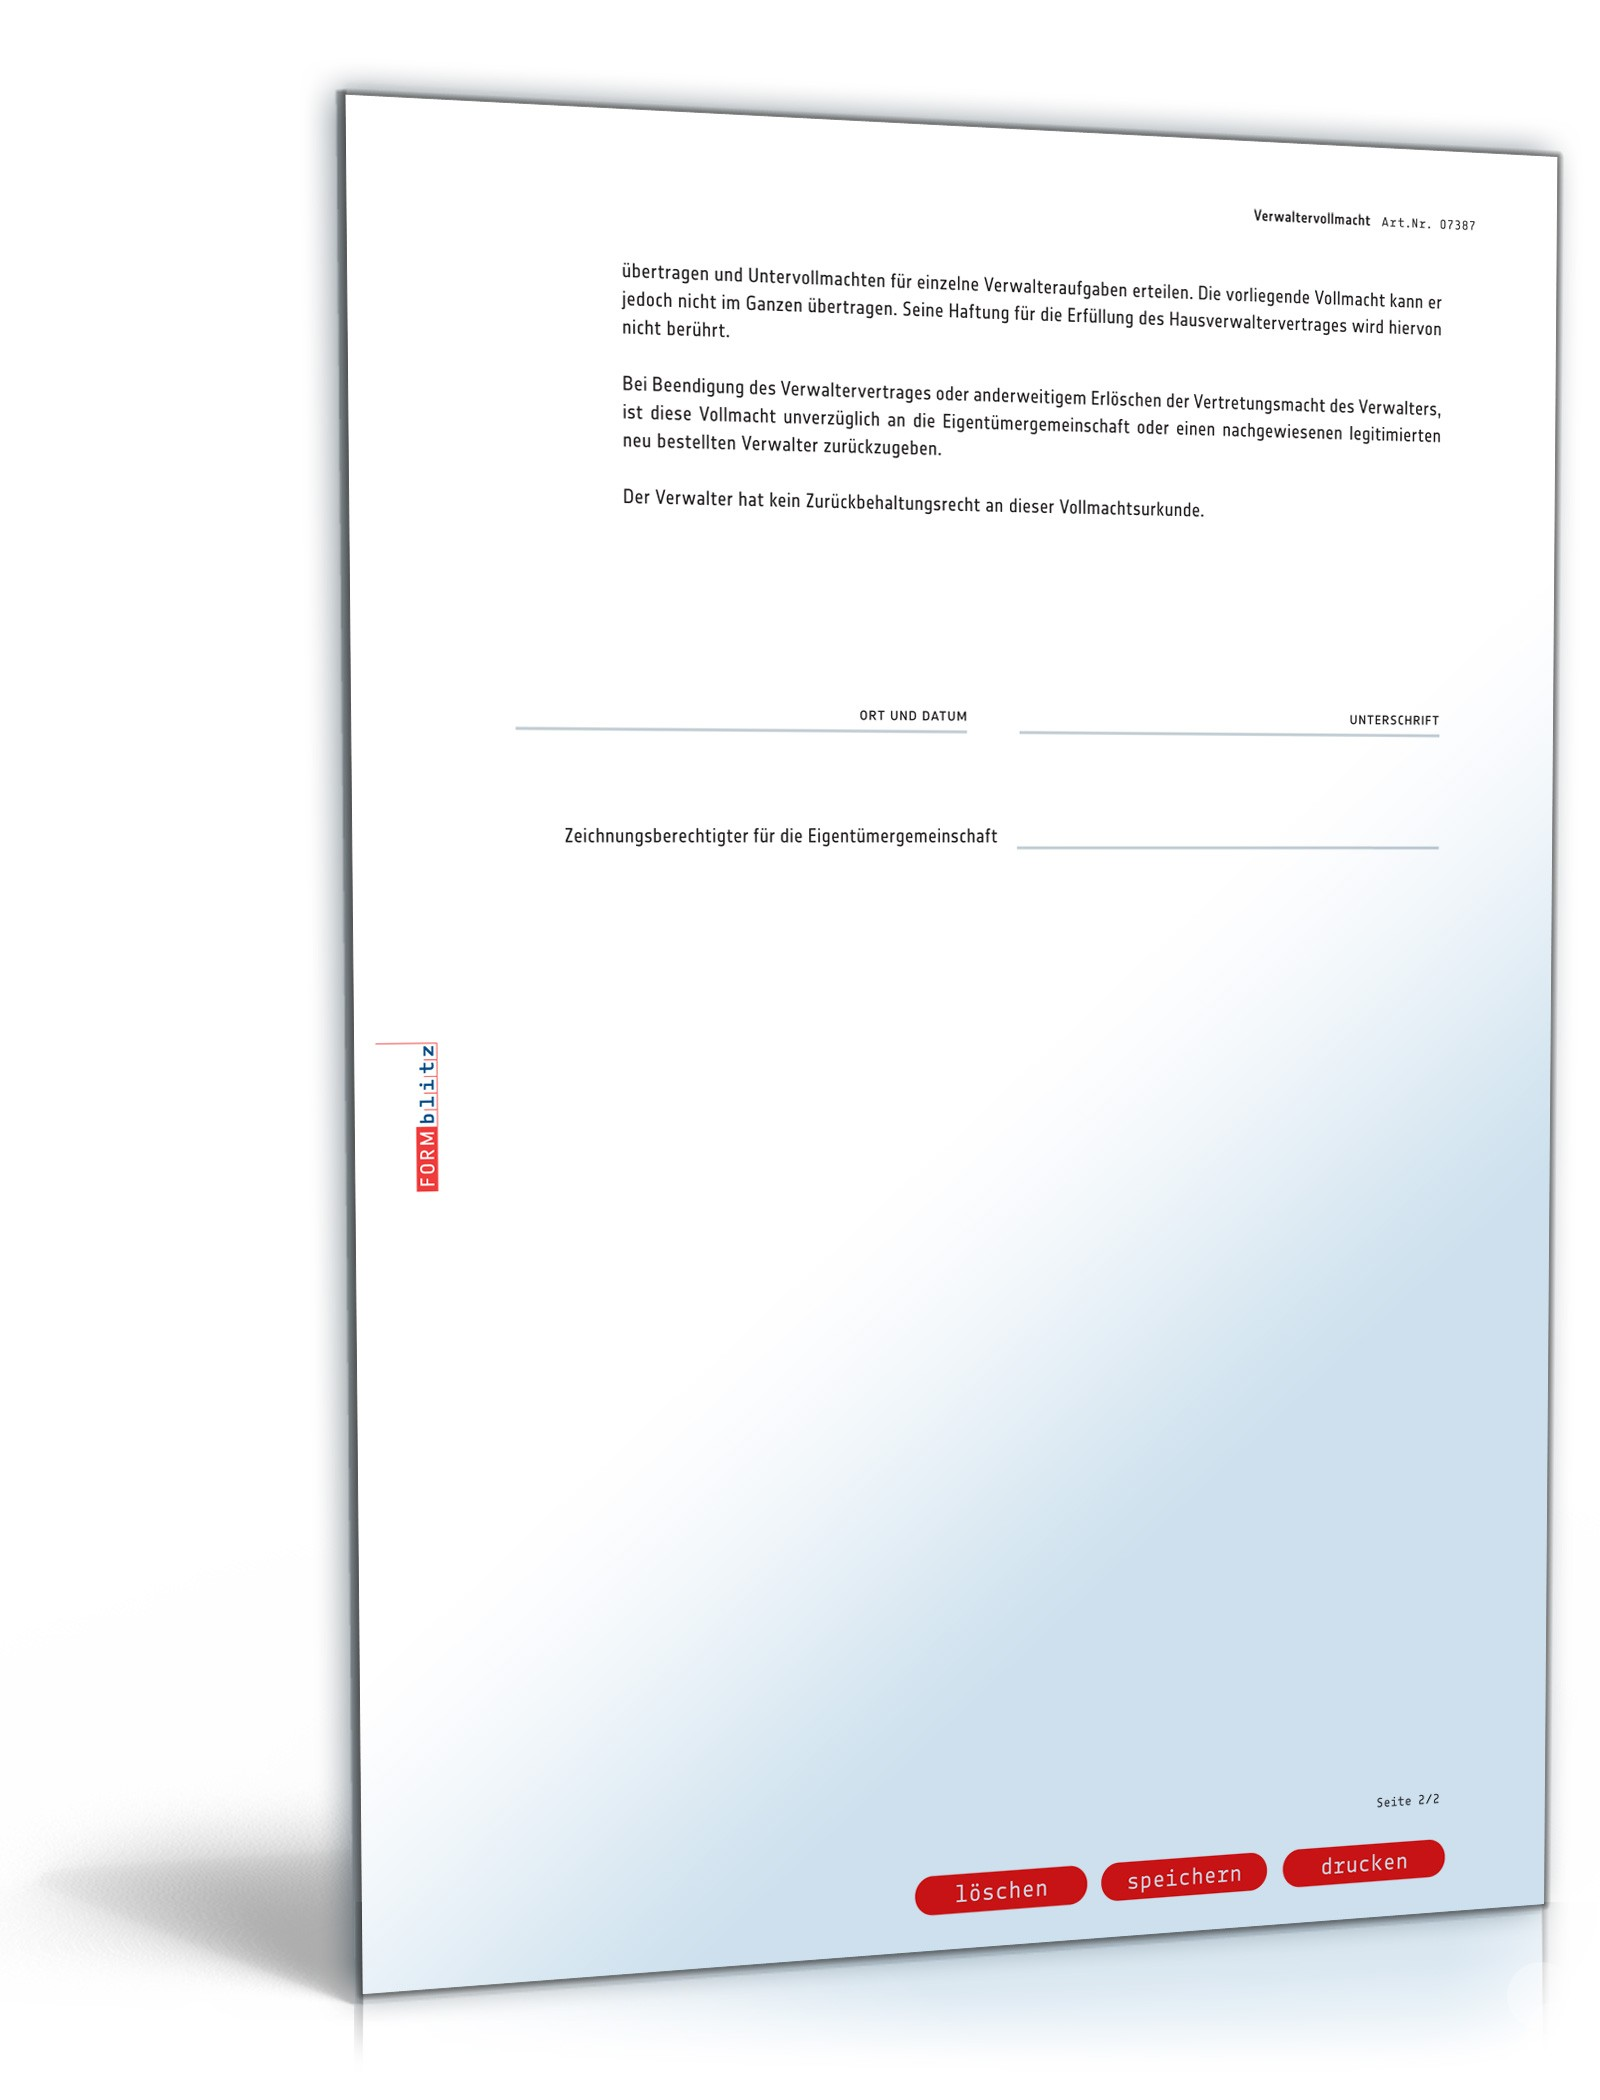 Verwaltervollmacht Wohnungseigentümergemeinschaft Muster Zum Download